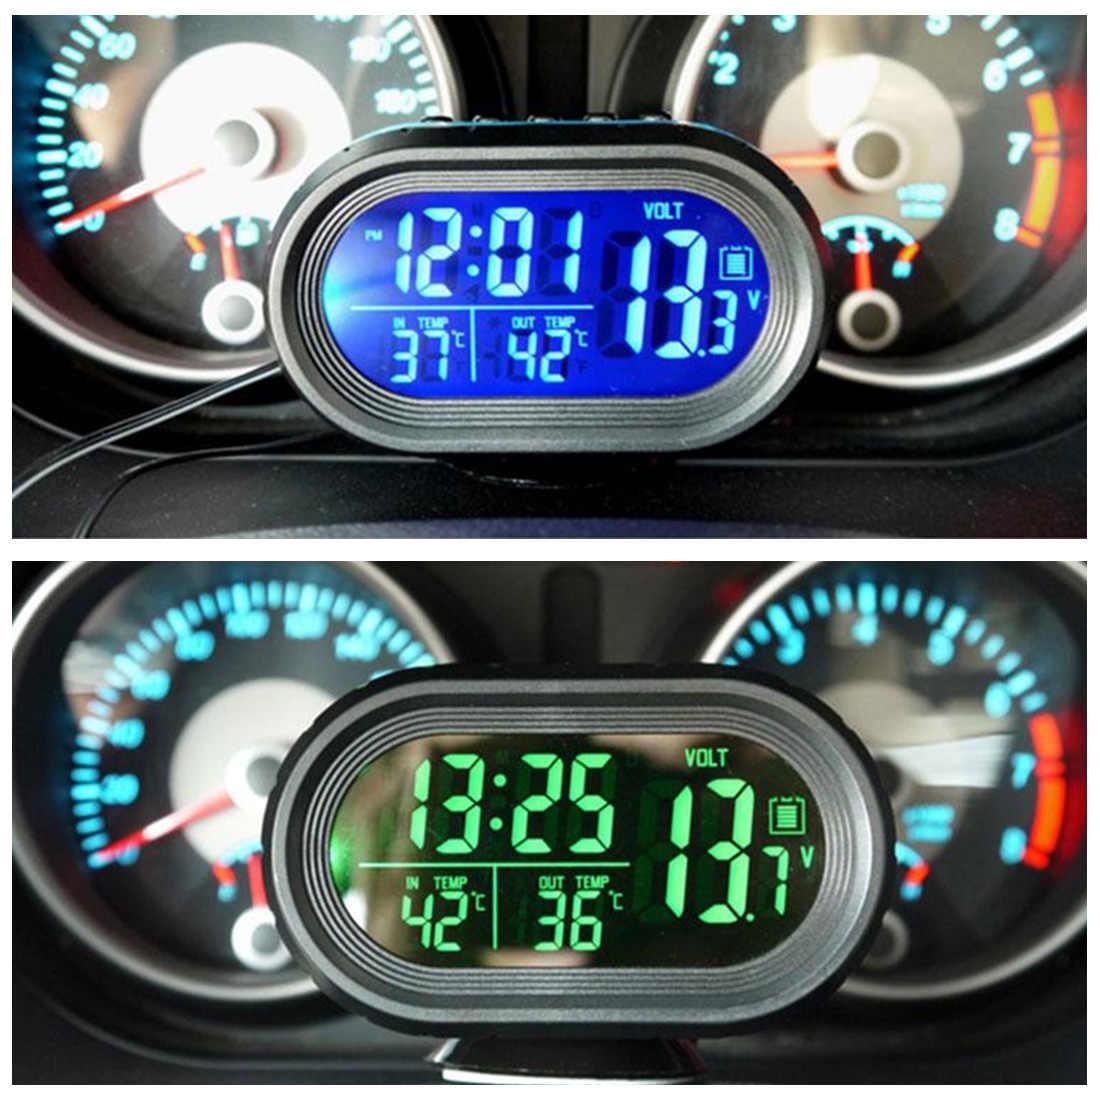 Reloj electrónico para coche, reloj electrónico, reloj luminoso para coche, accesorios electrónicos para coche, termómetro de 12 v, alarma automática